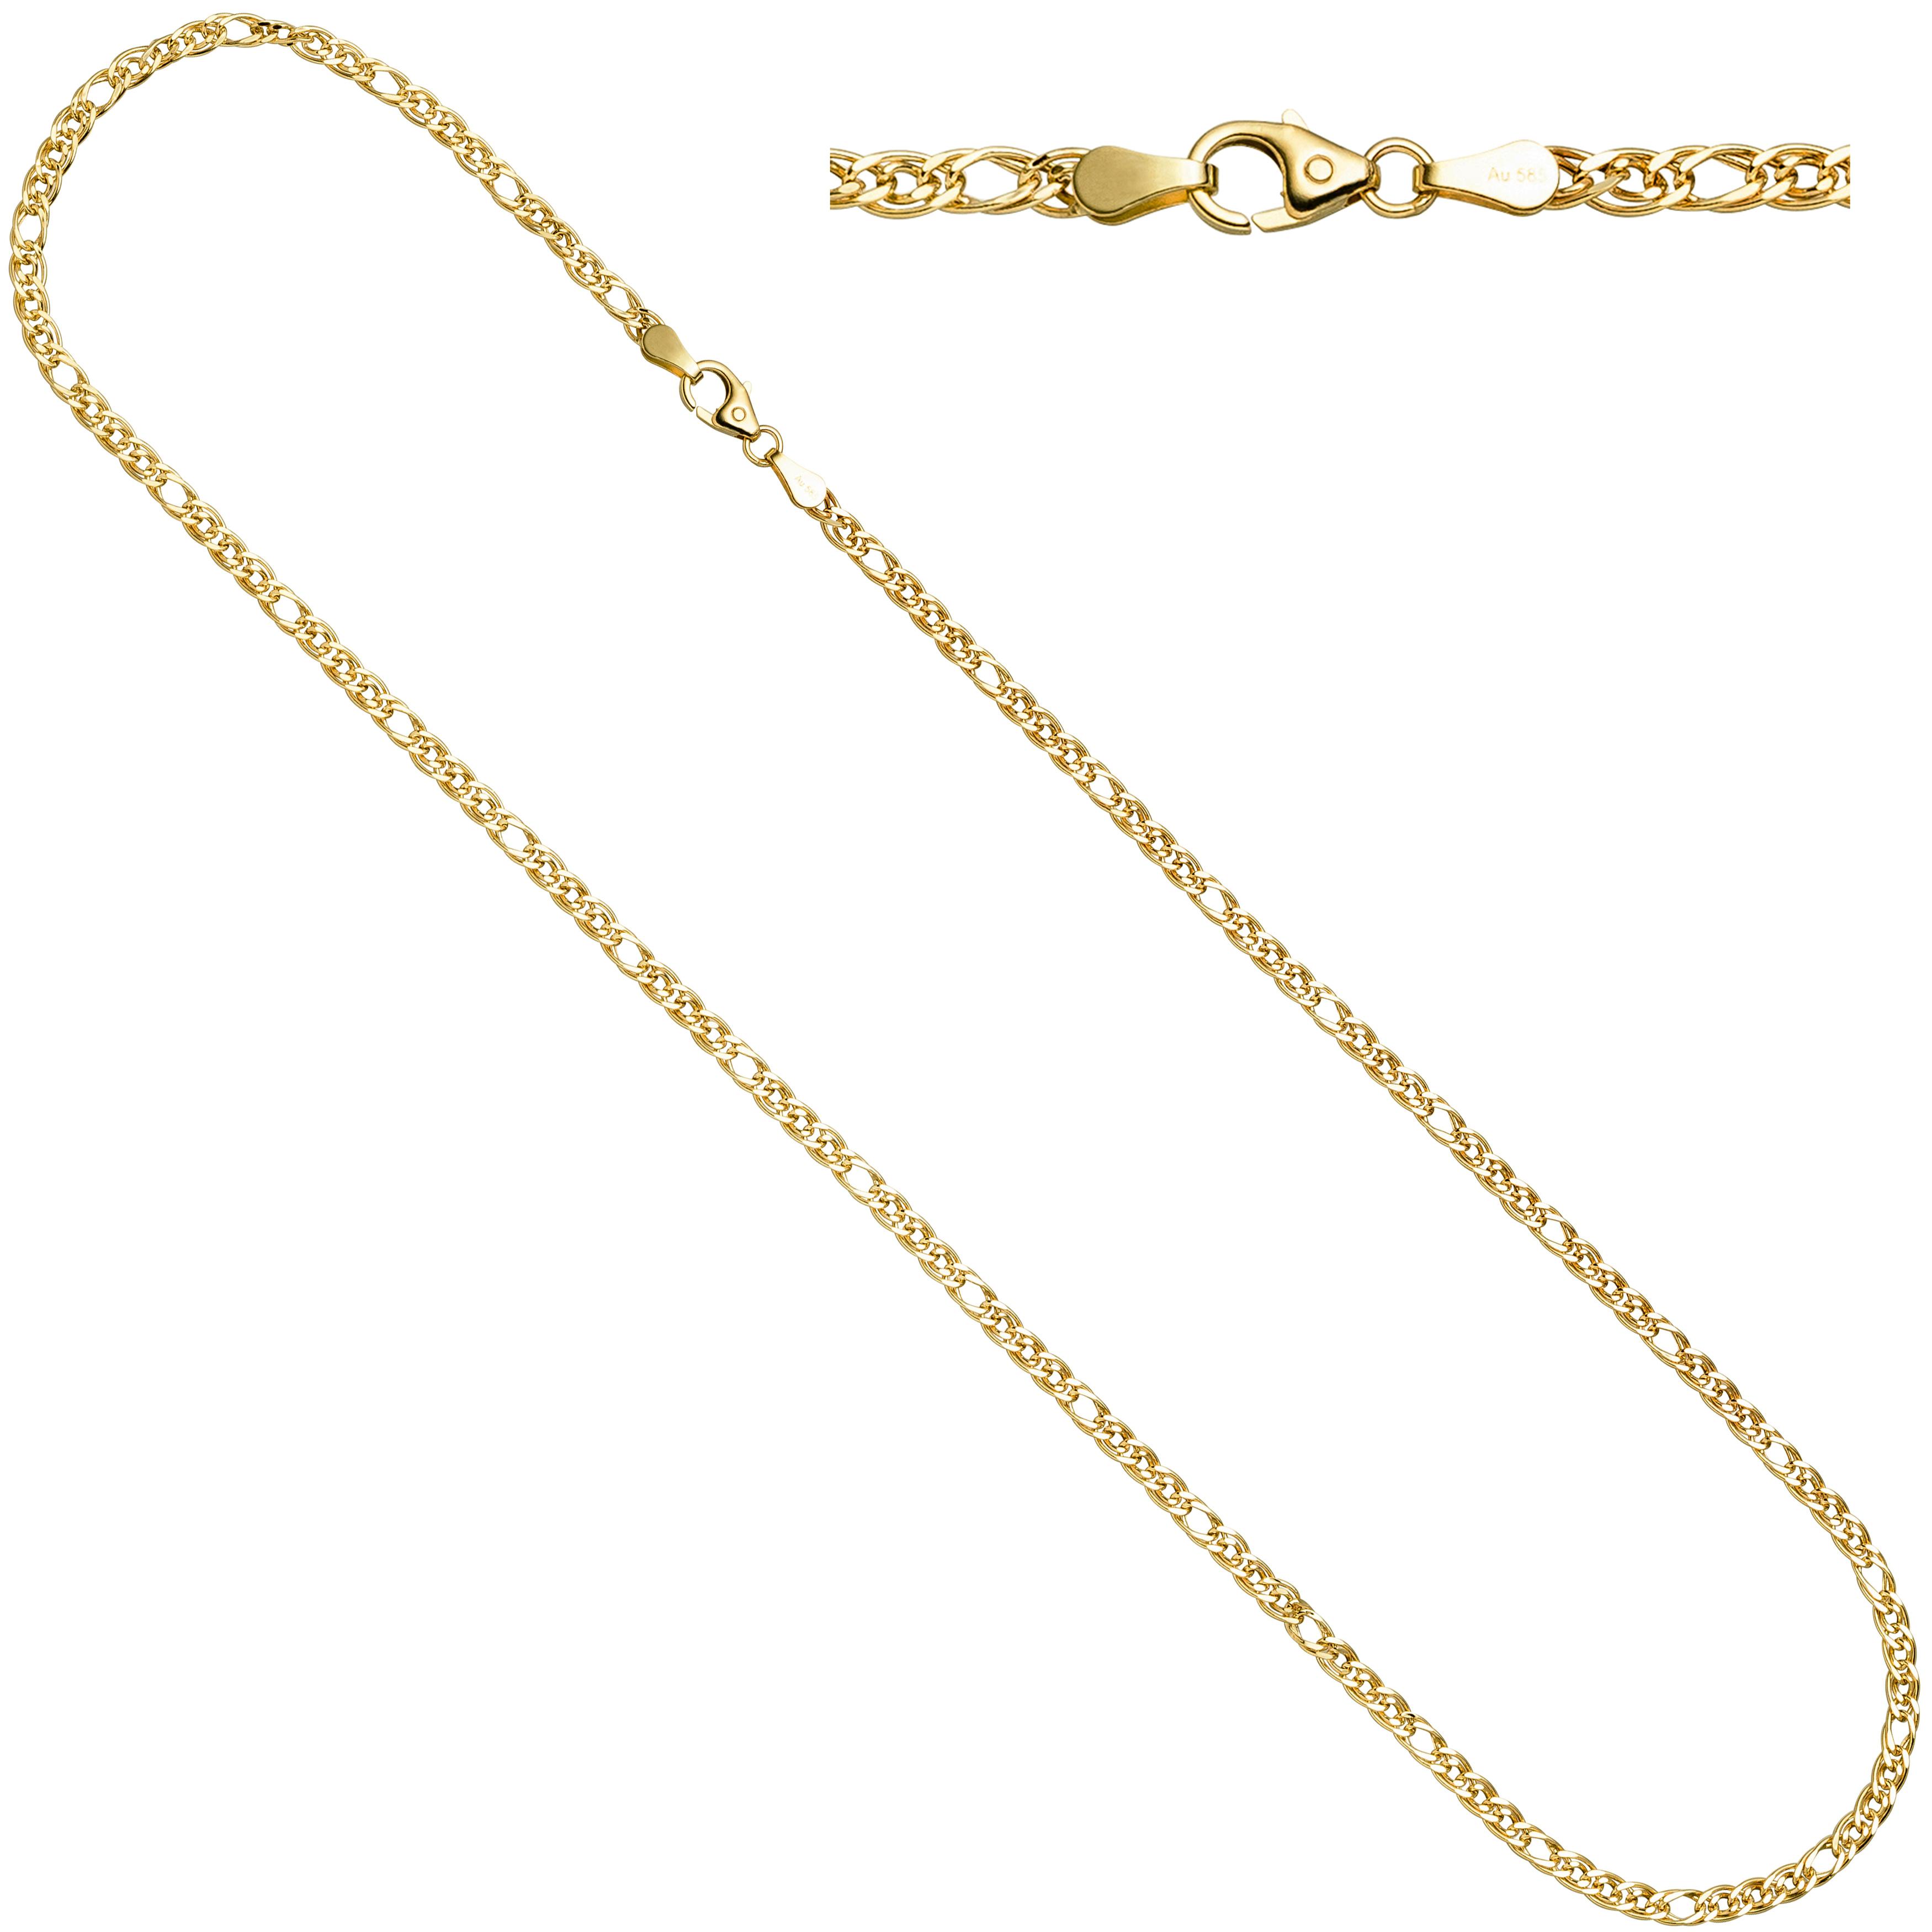 Fette goldkette  Gold | Halsschmuck | Schmuck | Gold Mary - Schmuck online kaufen